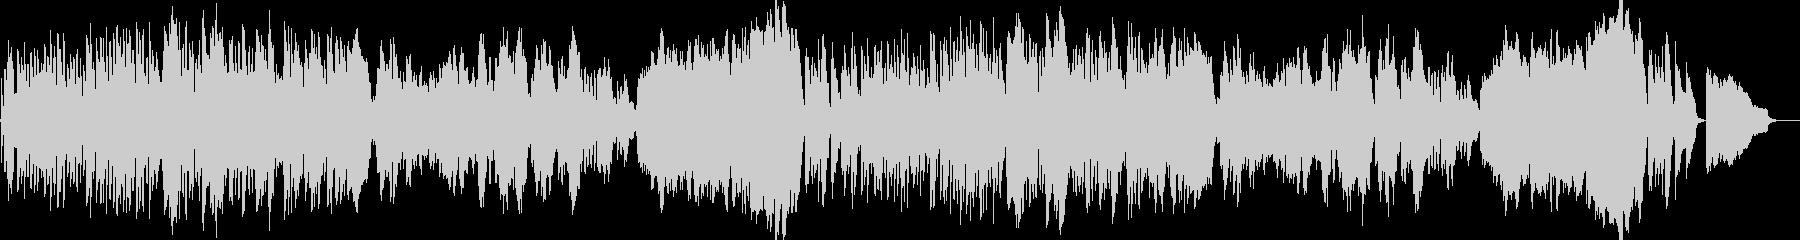 クラシカルな明るい朝のBGMの未再生の波形